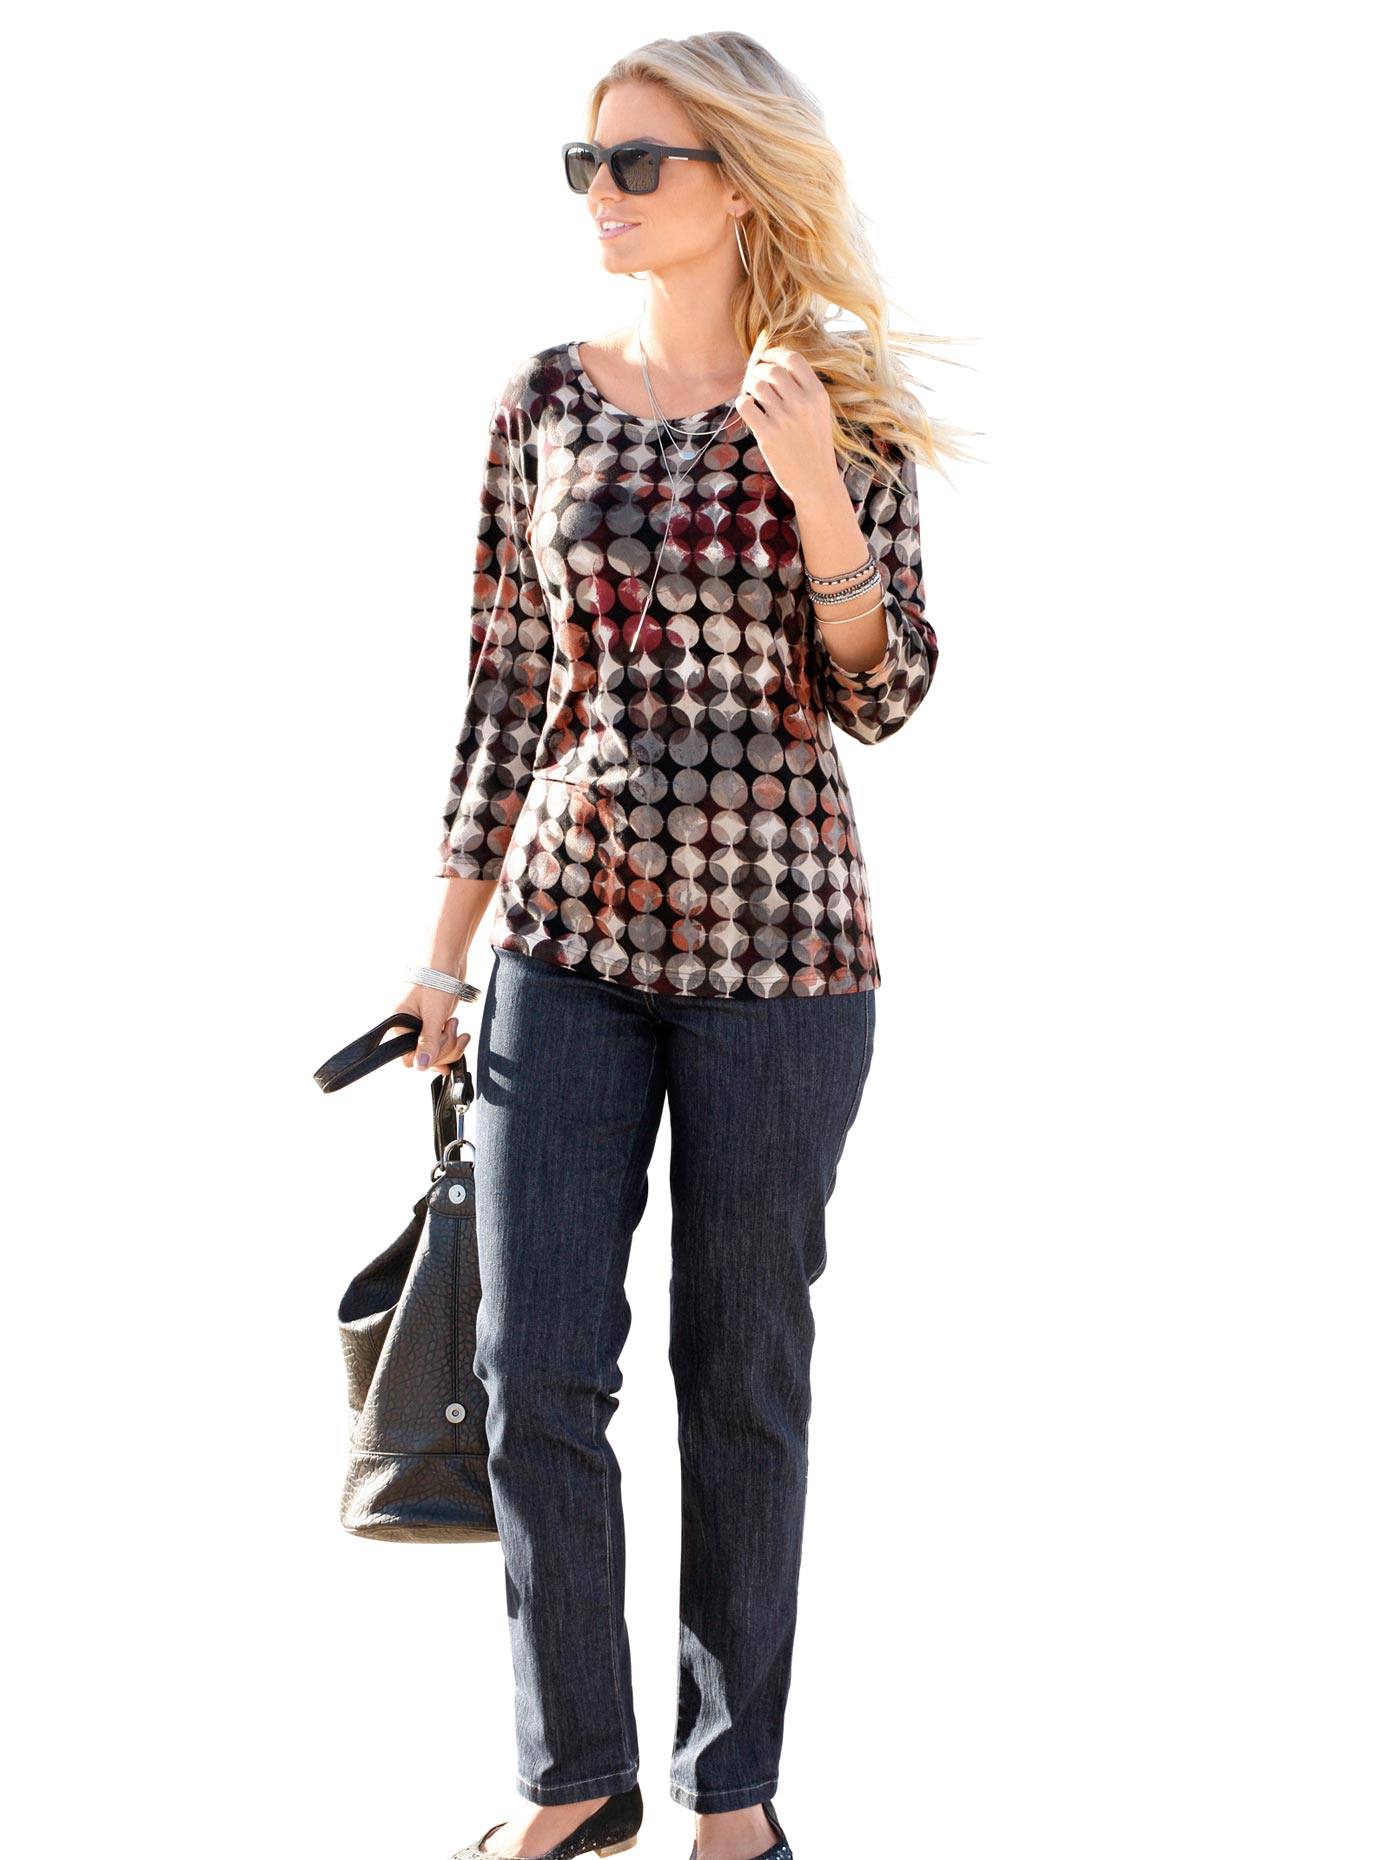 Casual Looks 5-Pocket-Jeans günstig online kaufen